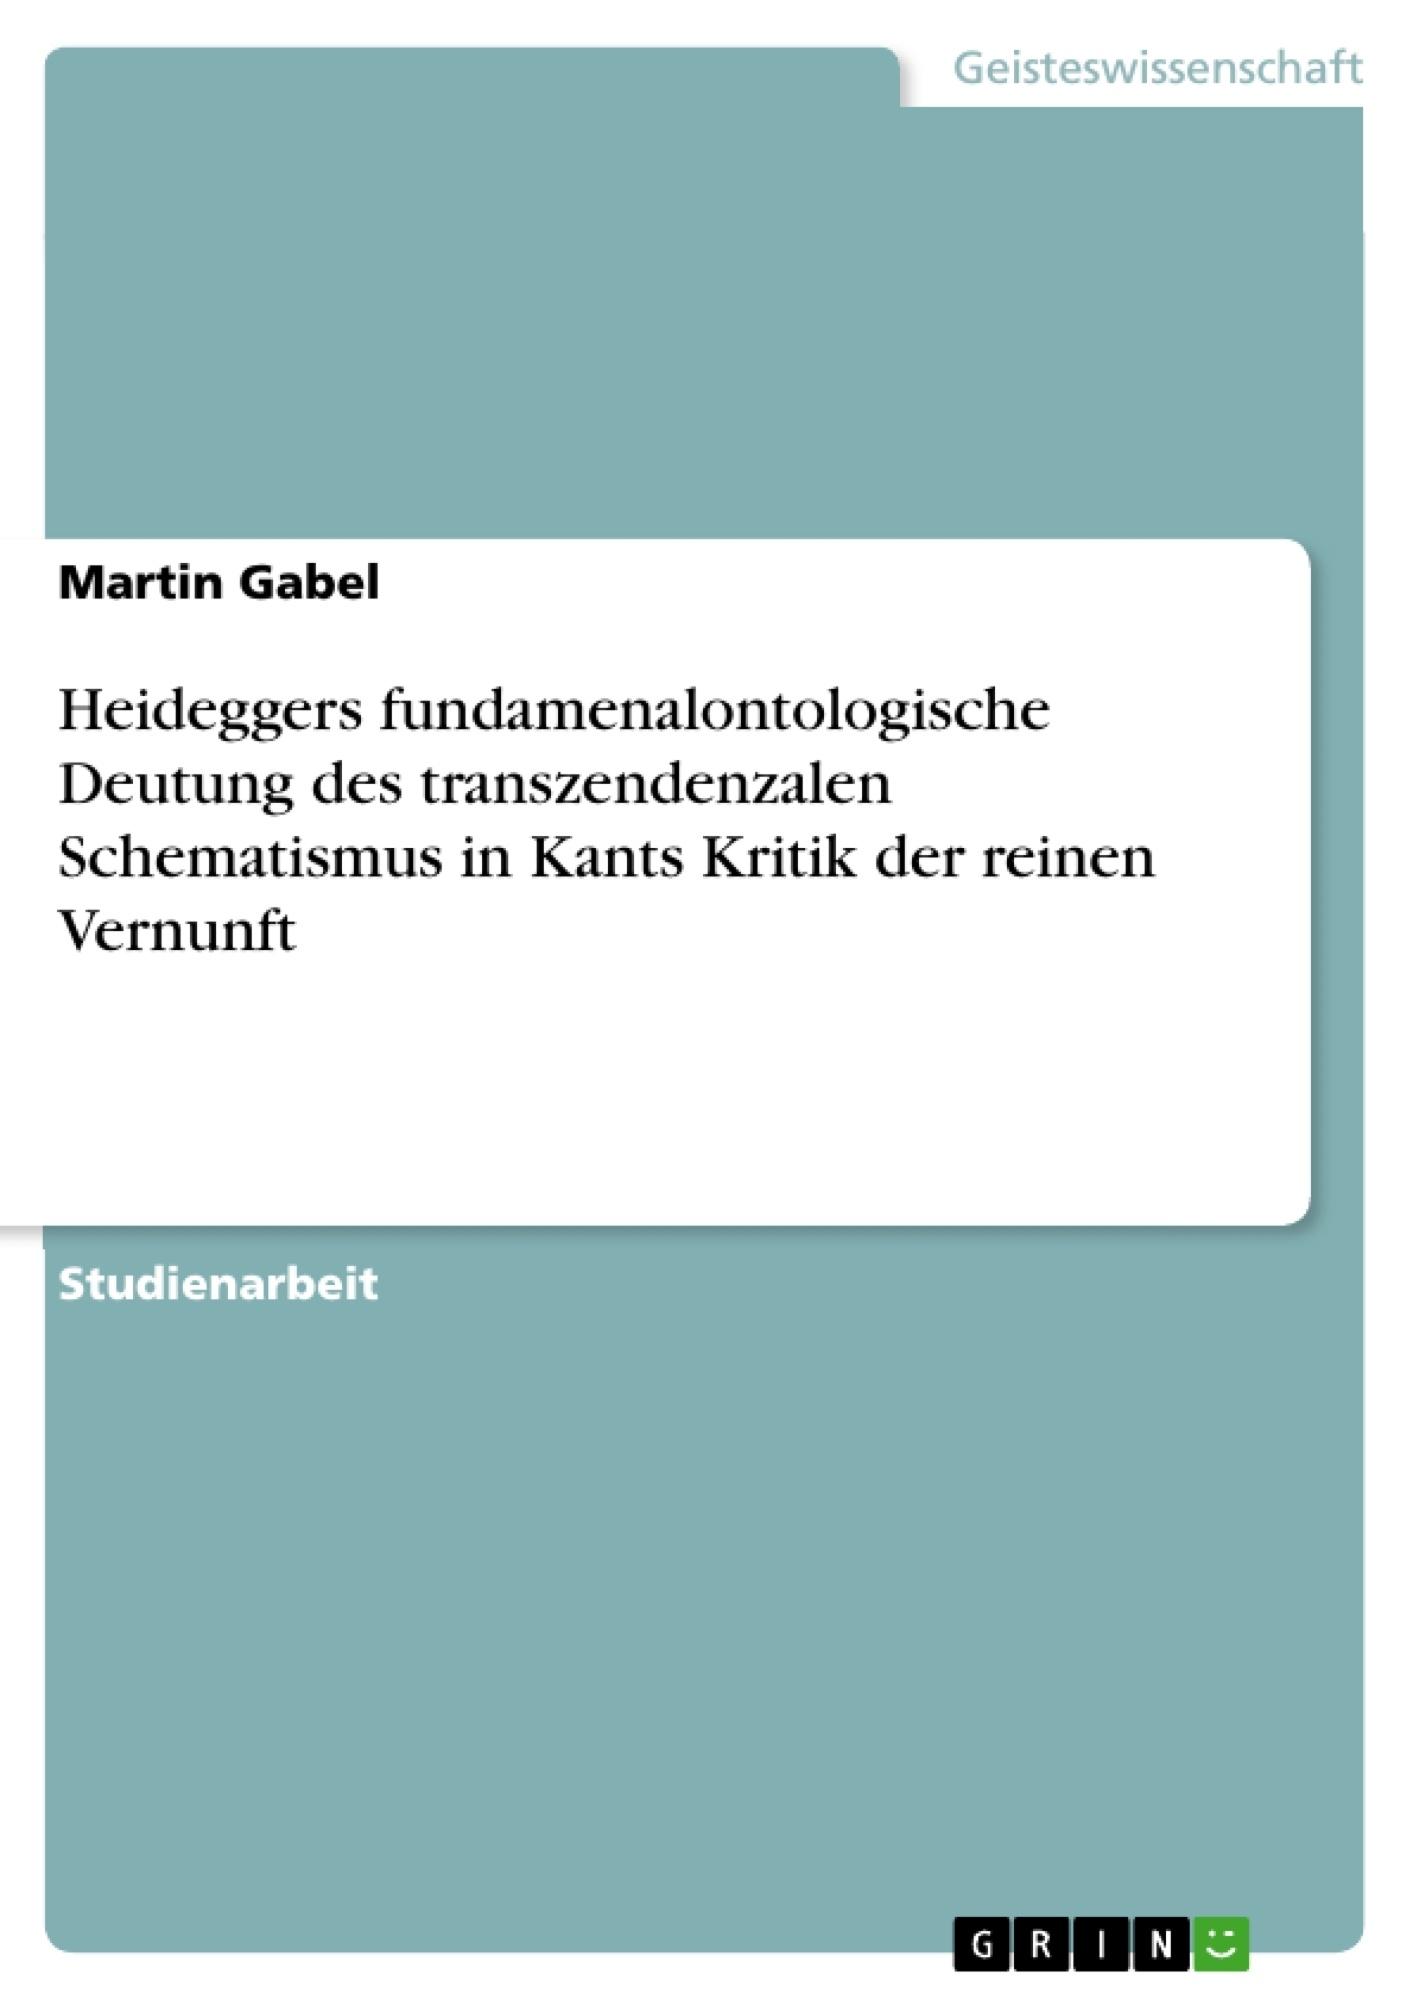 Titel: Heideggers fundamenalontologische Deutung des transzendenzalen Schematismus in Kants Kritik der reinen Vernunft